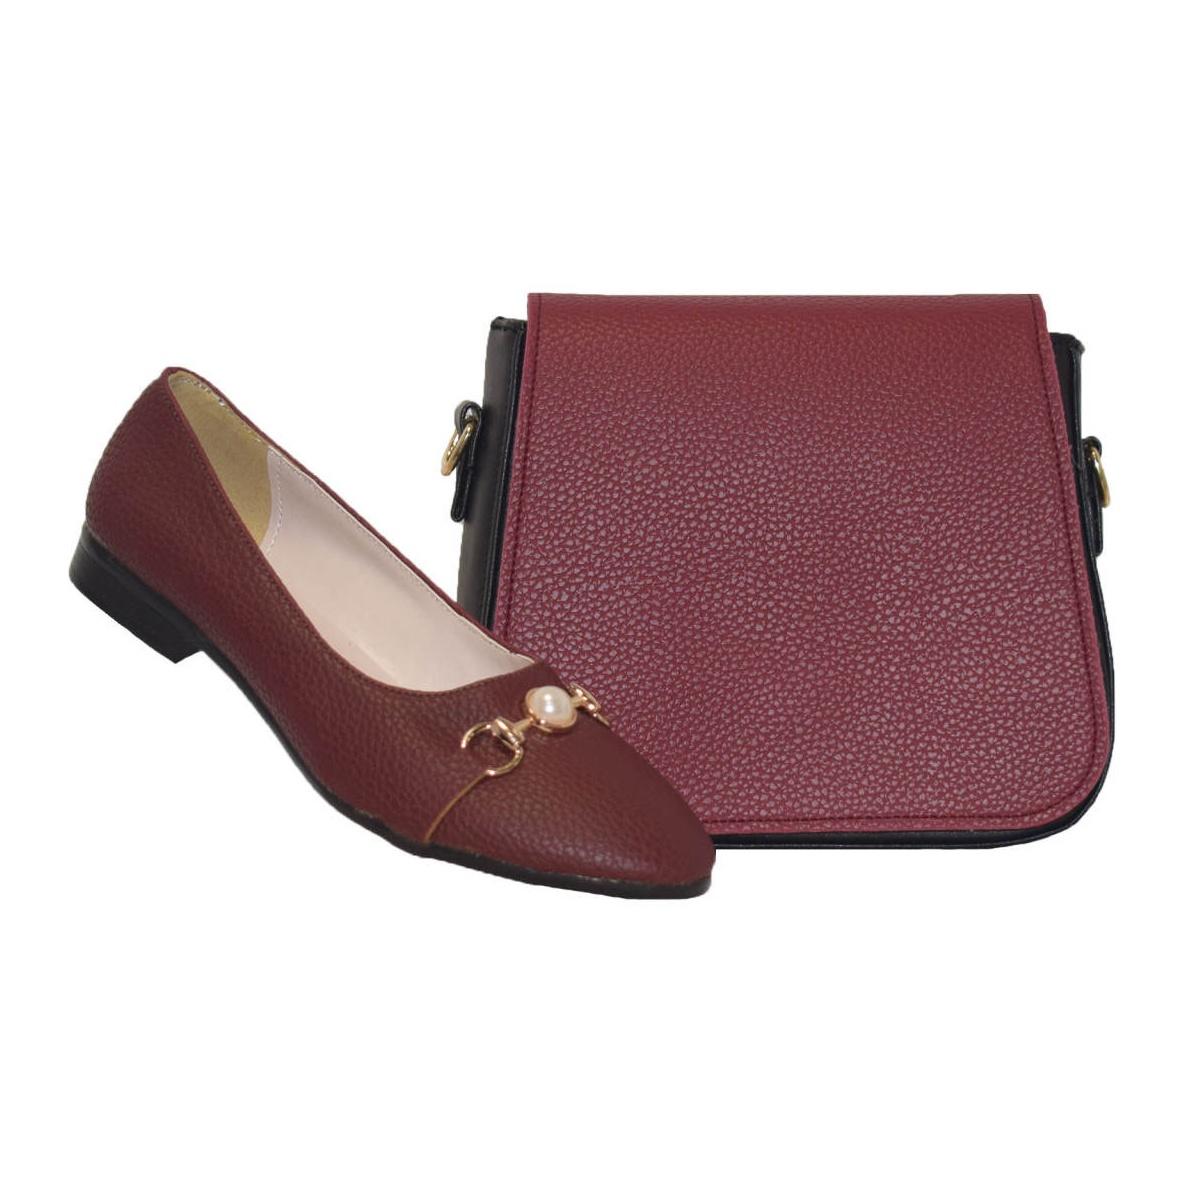 ست کیف و کفش زنانه کد SE085-23